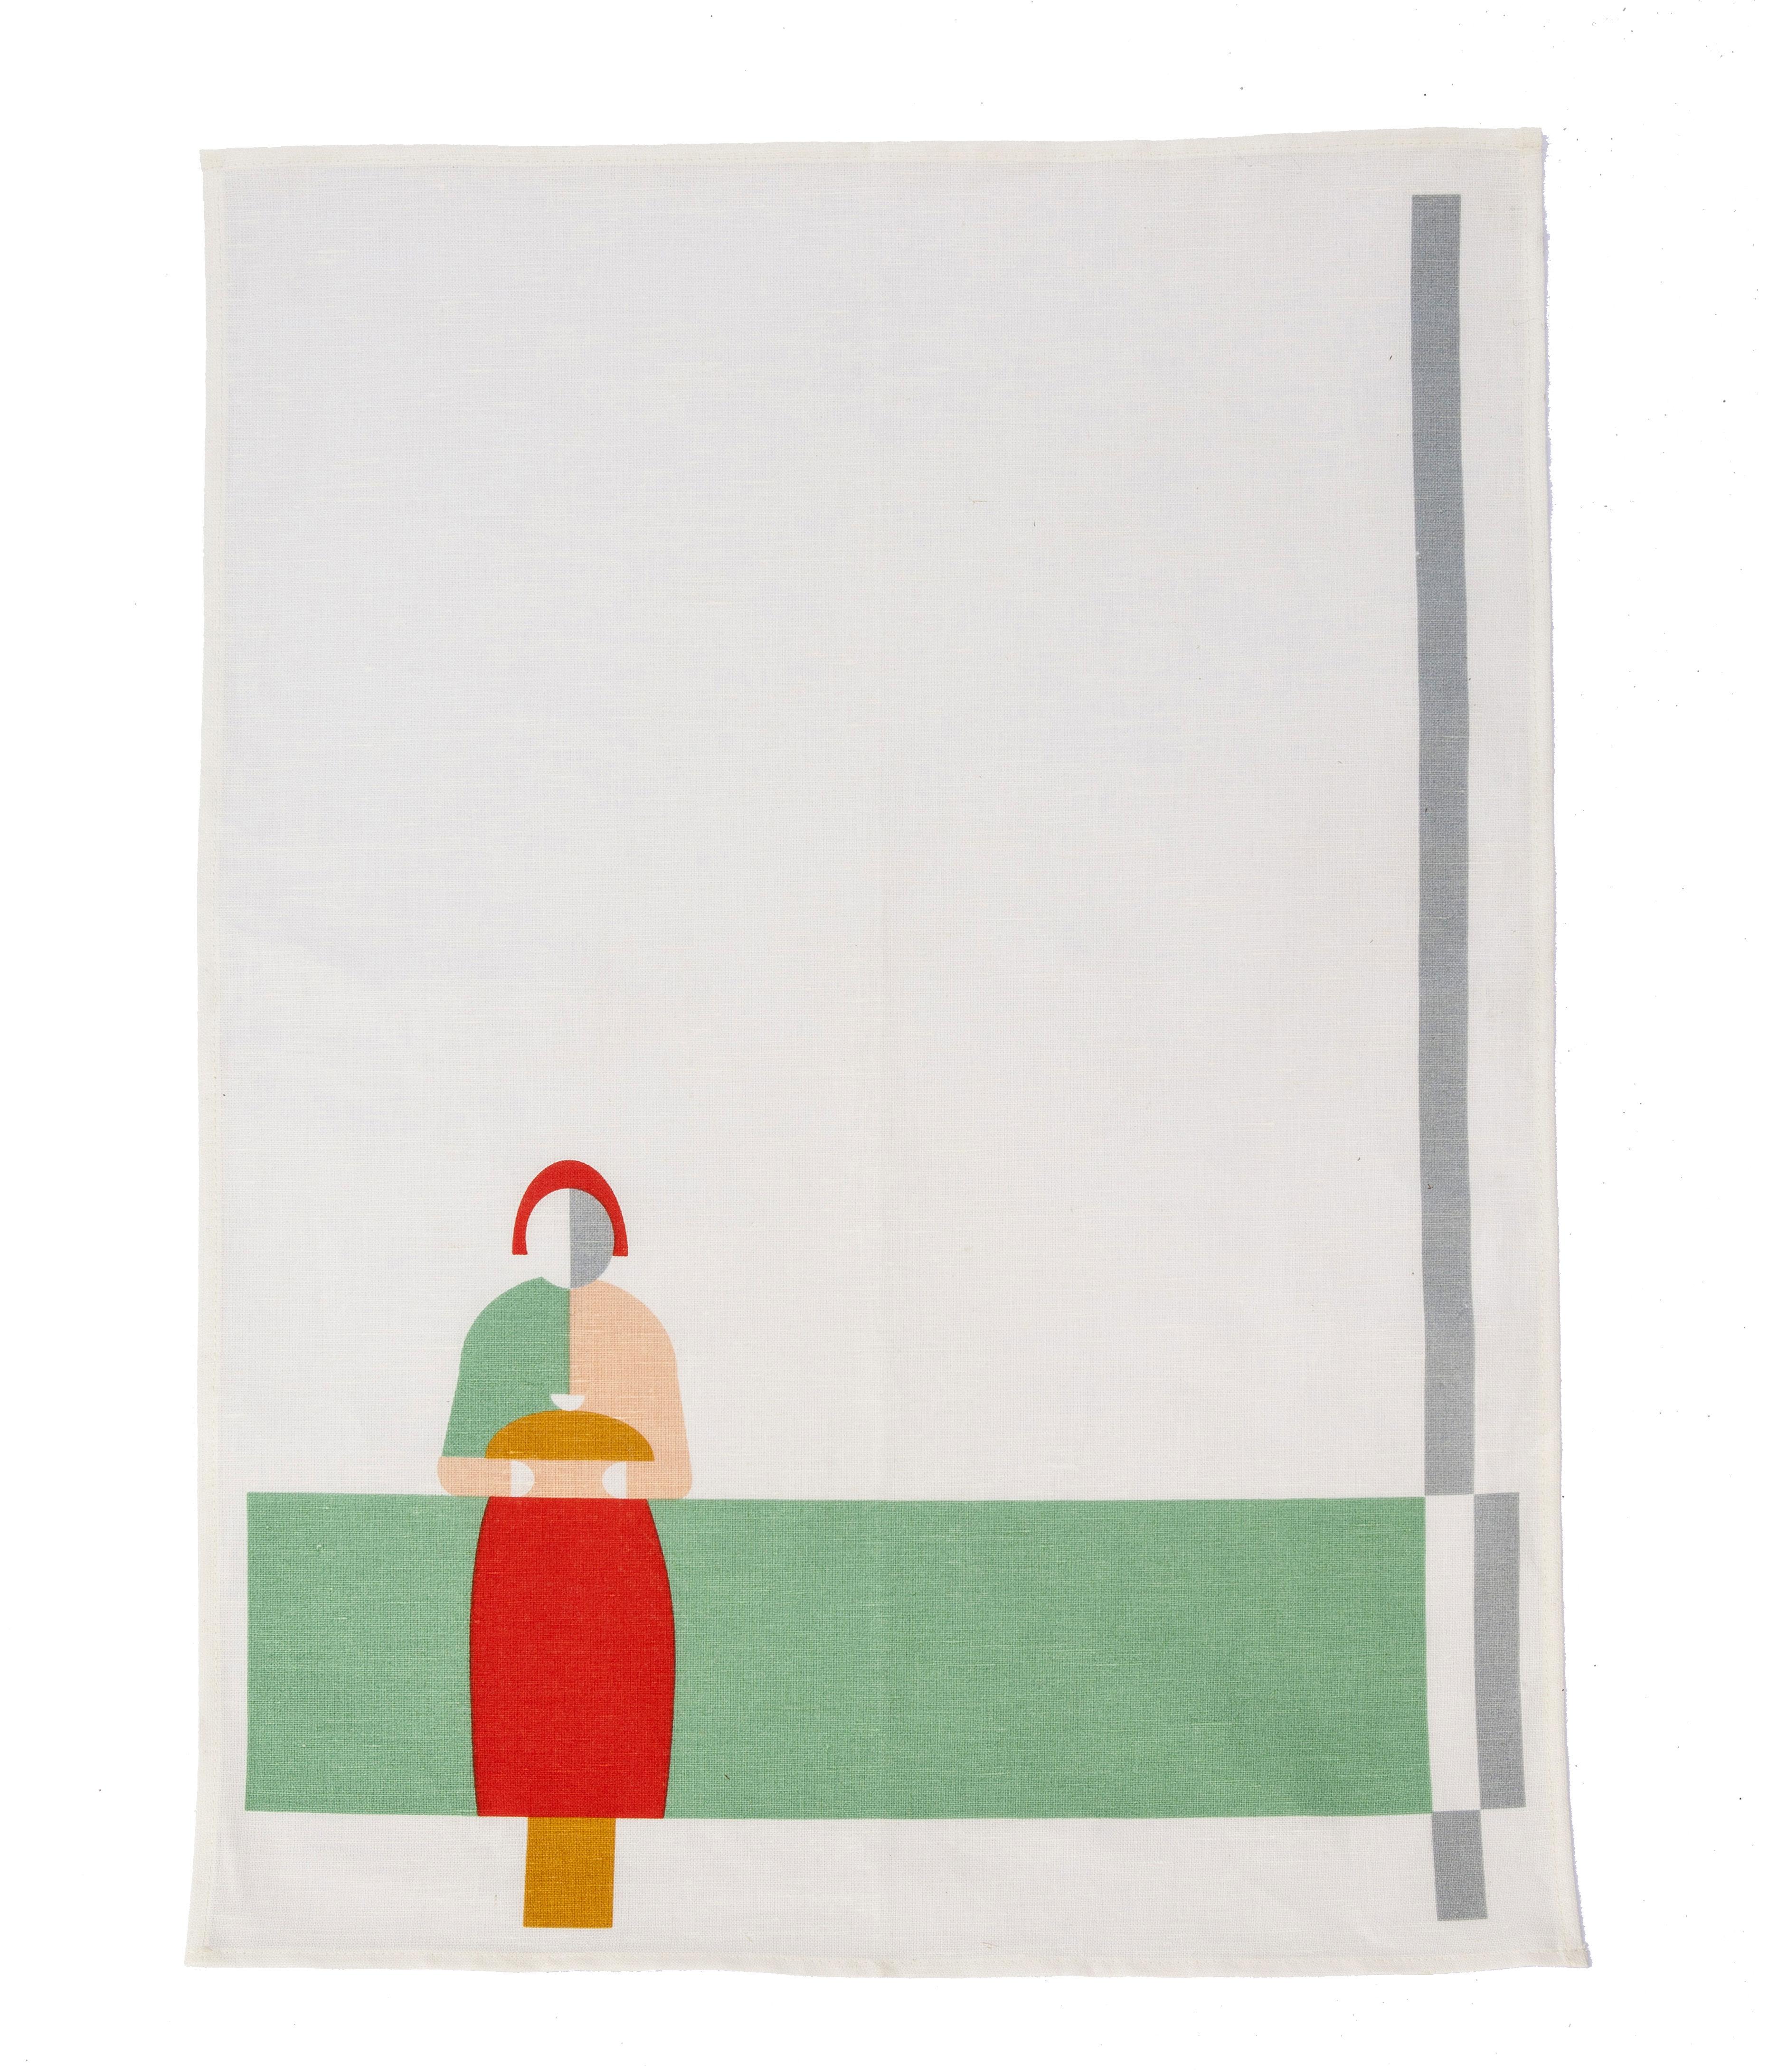 Cucina - Grembiuli e Strofinacci - Strofinaccio Bread & Salt / 70 x 47 cm - studio ROOF - Bianco / Motivi multicolore - Cotone, Lino